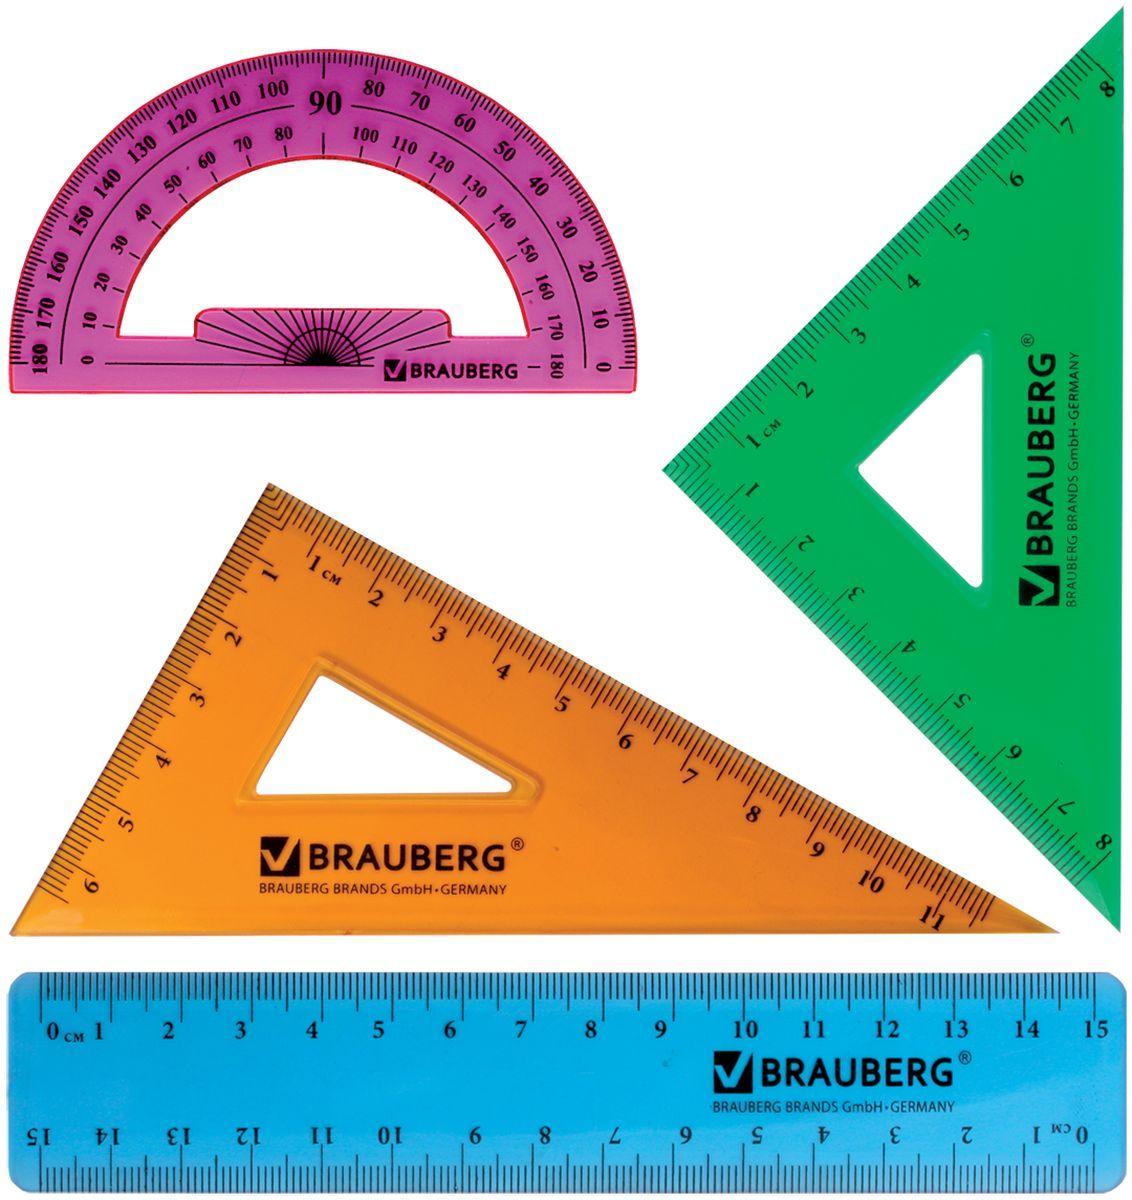 Brauberg Набор чертежный Сrystal 21029572523WDНабор геометрический Brauberg Сrystal из яркого, прочного пластика толщиной 1,7 - 2 мм. Предназначен для чертёжных работ.Набор включает в себя четыре предмета: линейка со шкалами 15 см/15 см, треугольник с углами 30°/60° и шкалами 11,6 см/6,5 см, треугольник с углами 45°/45° и шкалами 8 см/8 см, транспортир 180°.